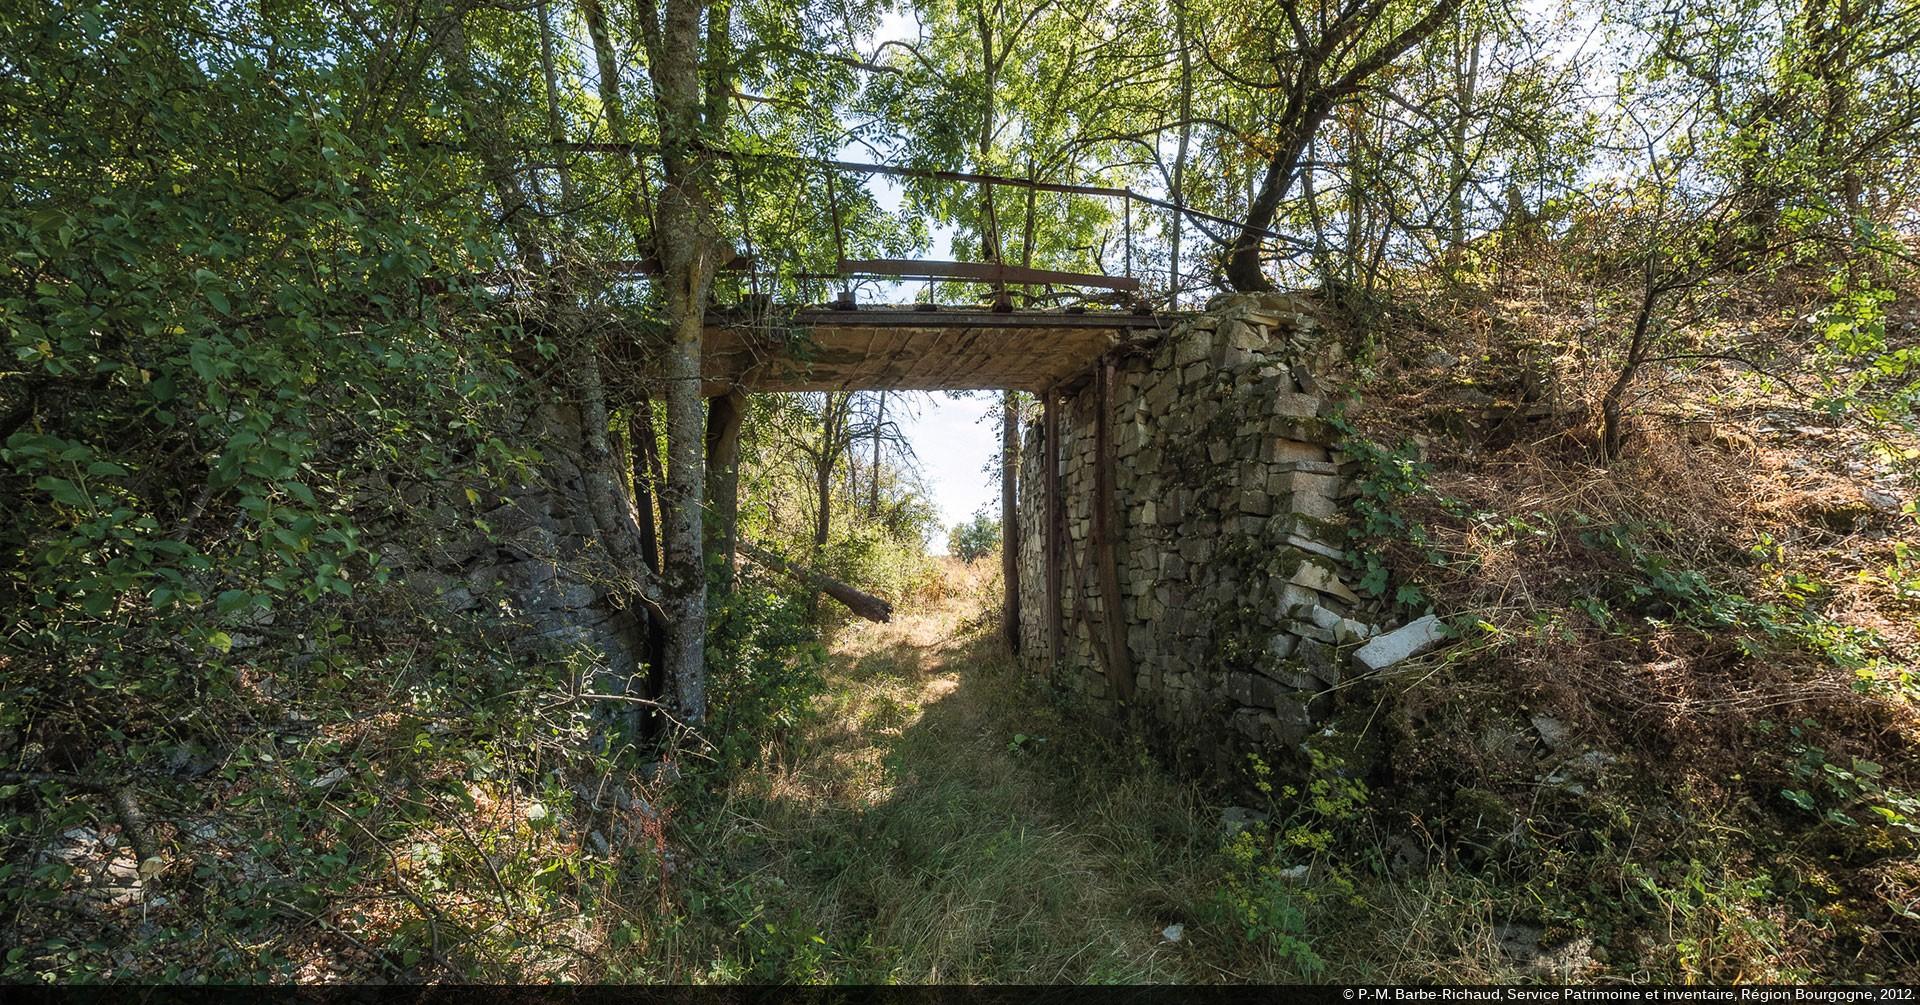 Pierre De L Yonne canaux de bourgogne : archéologie d'un site industriel disparu